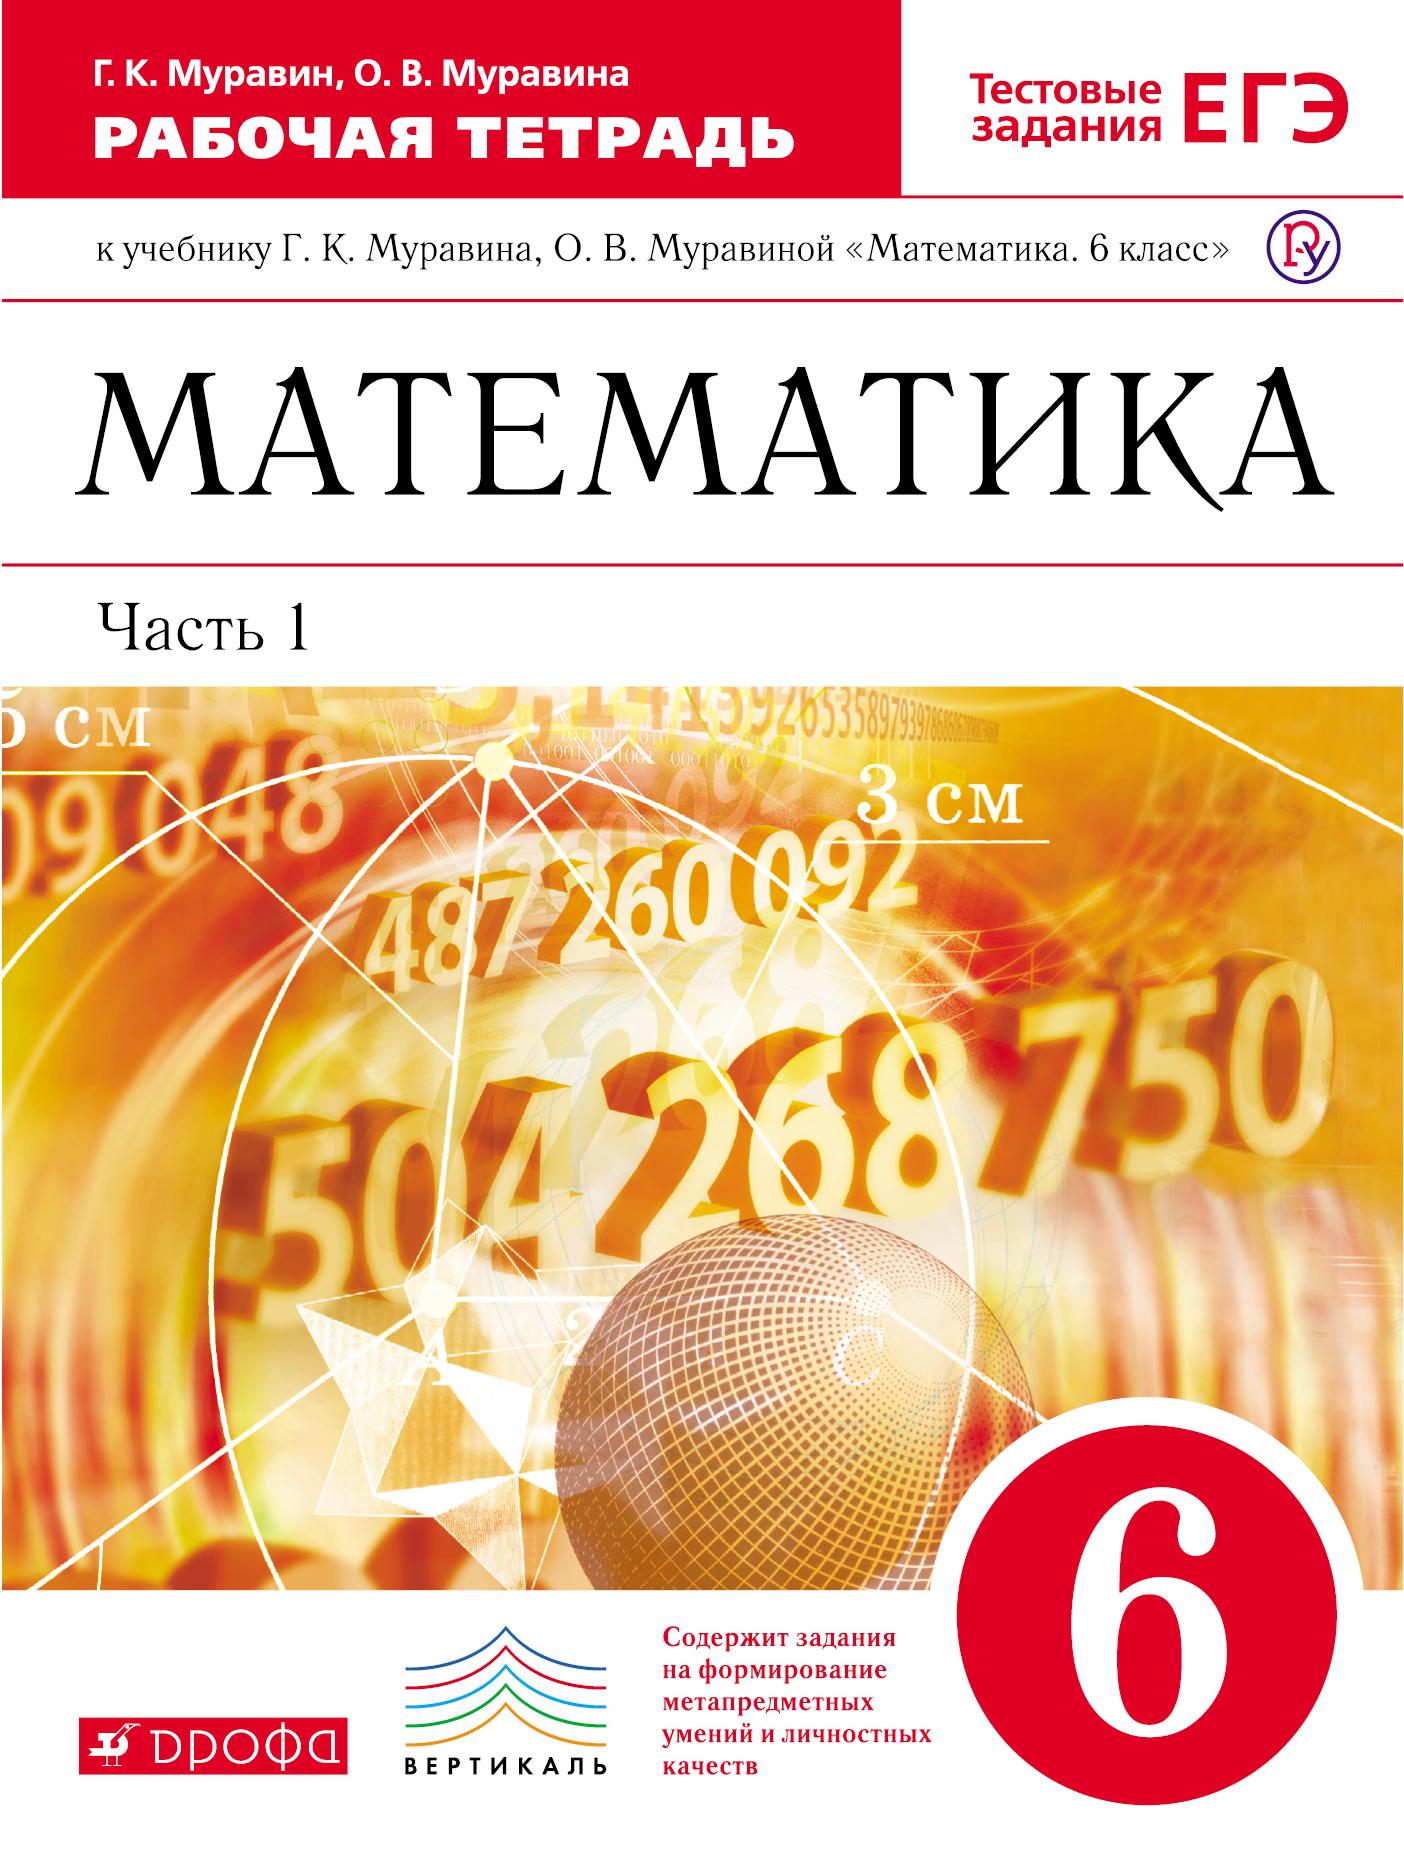 Муравин Г.К., Муравина О.В. Математика. 6 класс. Рабочая тетрадь (с тестовыми заданиями ЕГЭ). Часть 1 математика 6 класс рабочая тетрадь